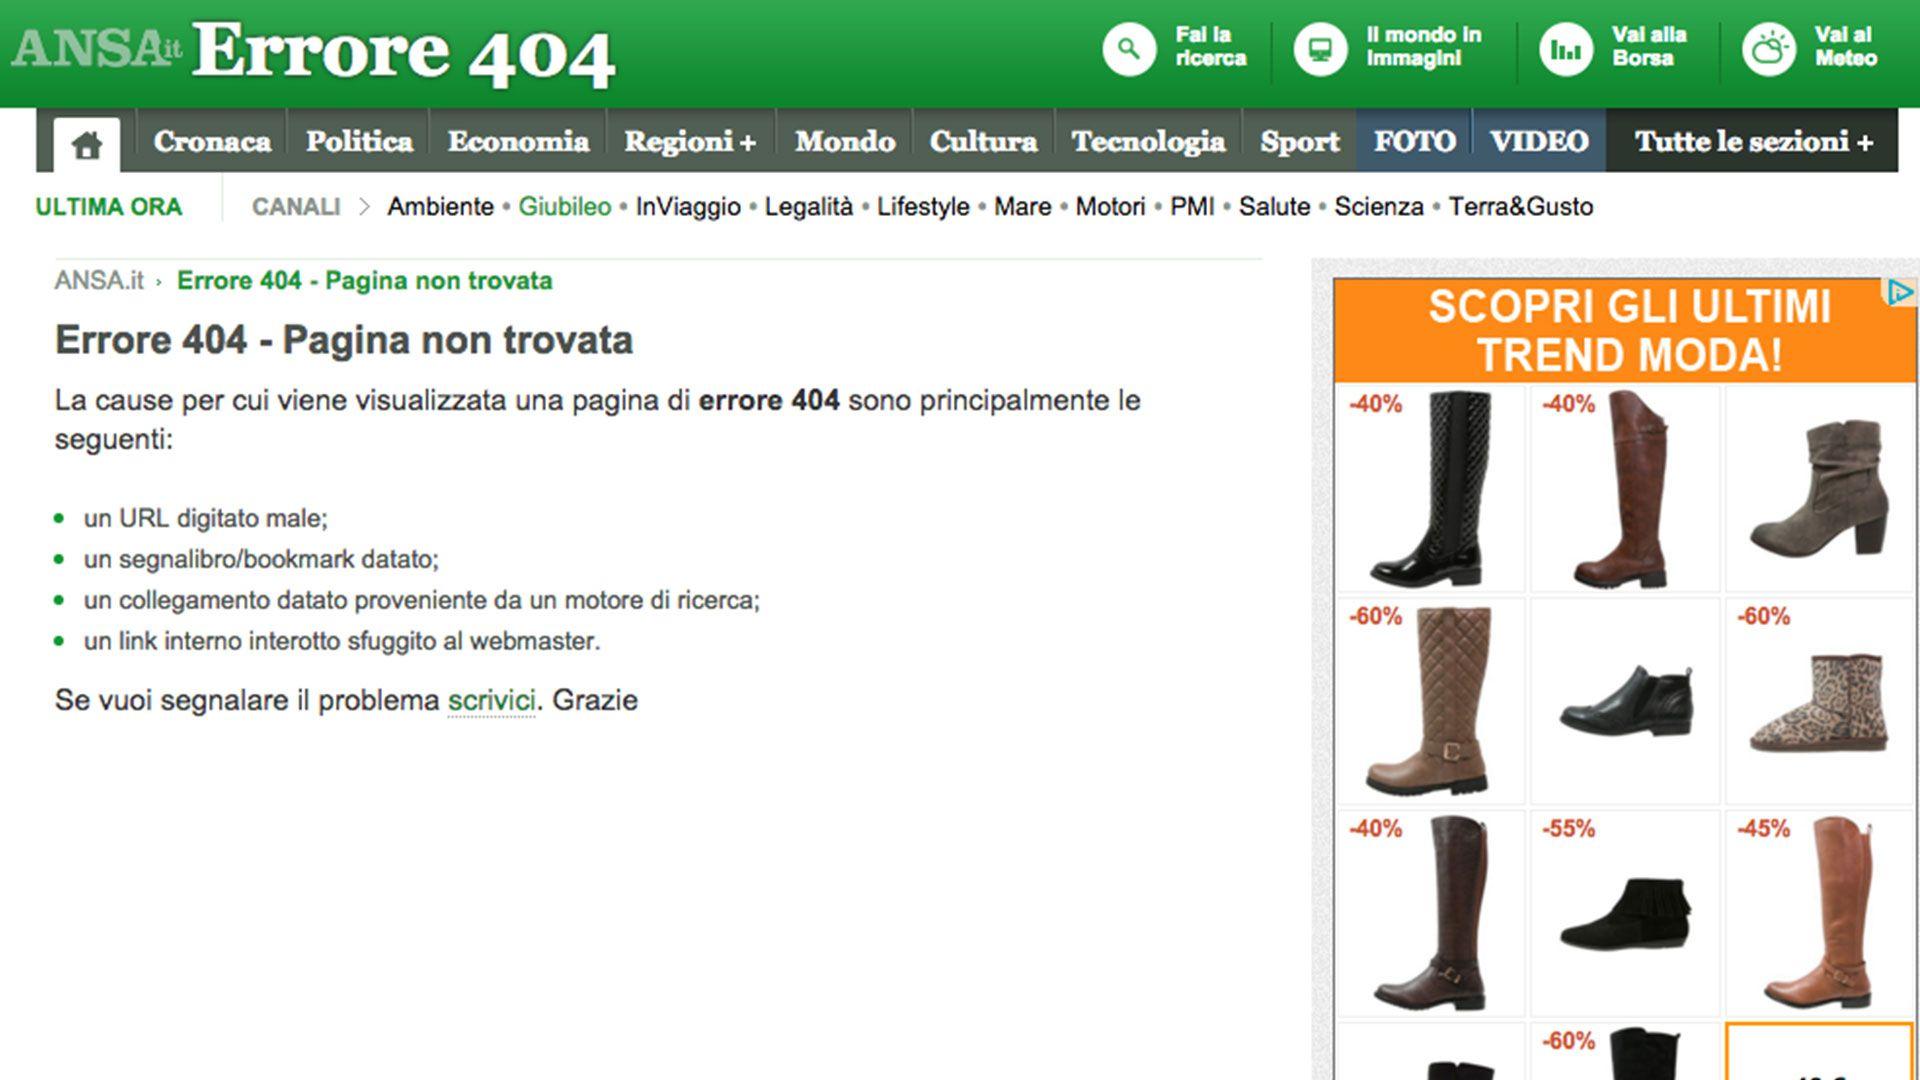 Pagina 404 ANSA